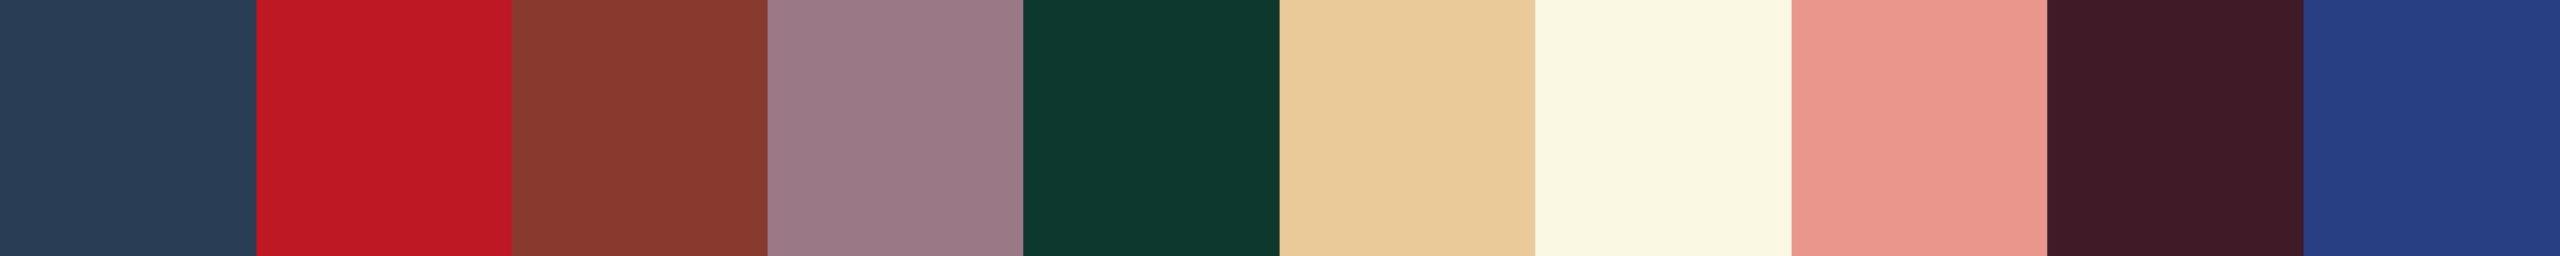 775 Pyrea Color Palette